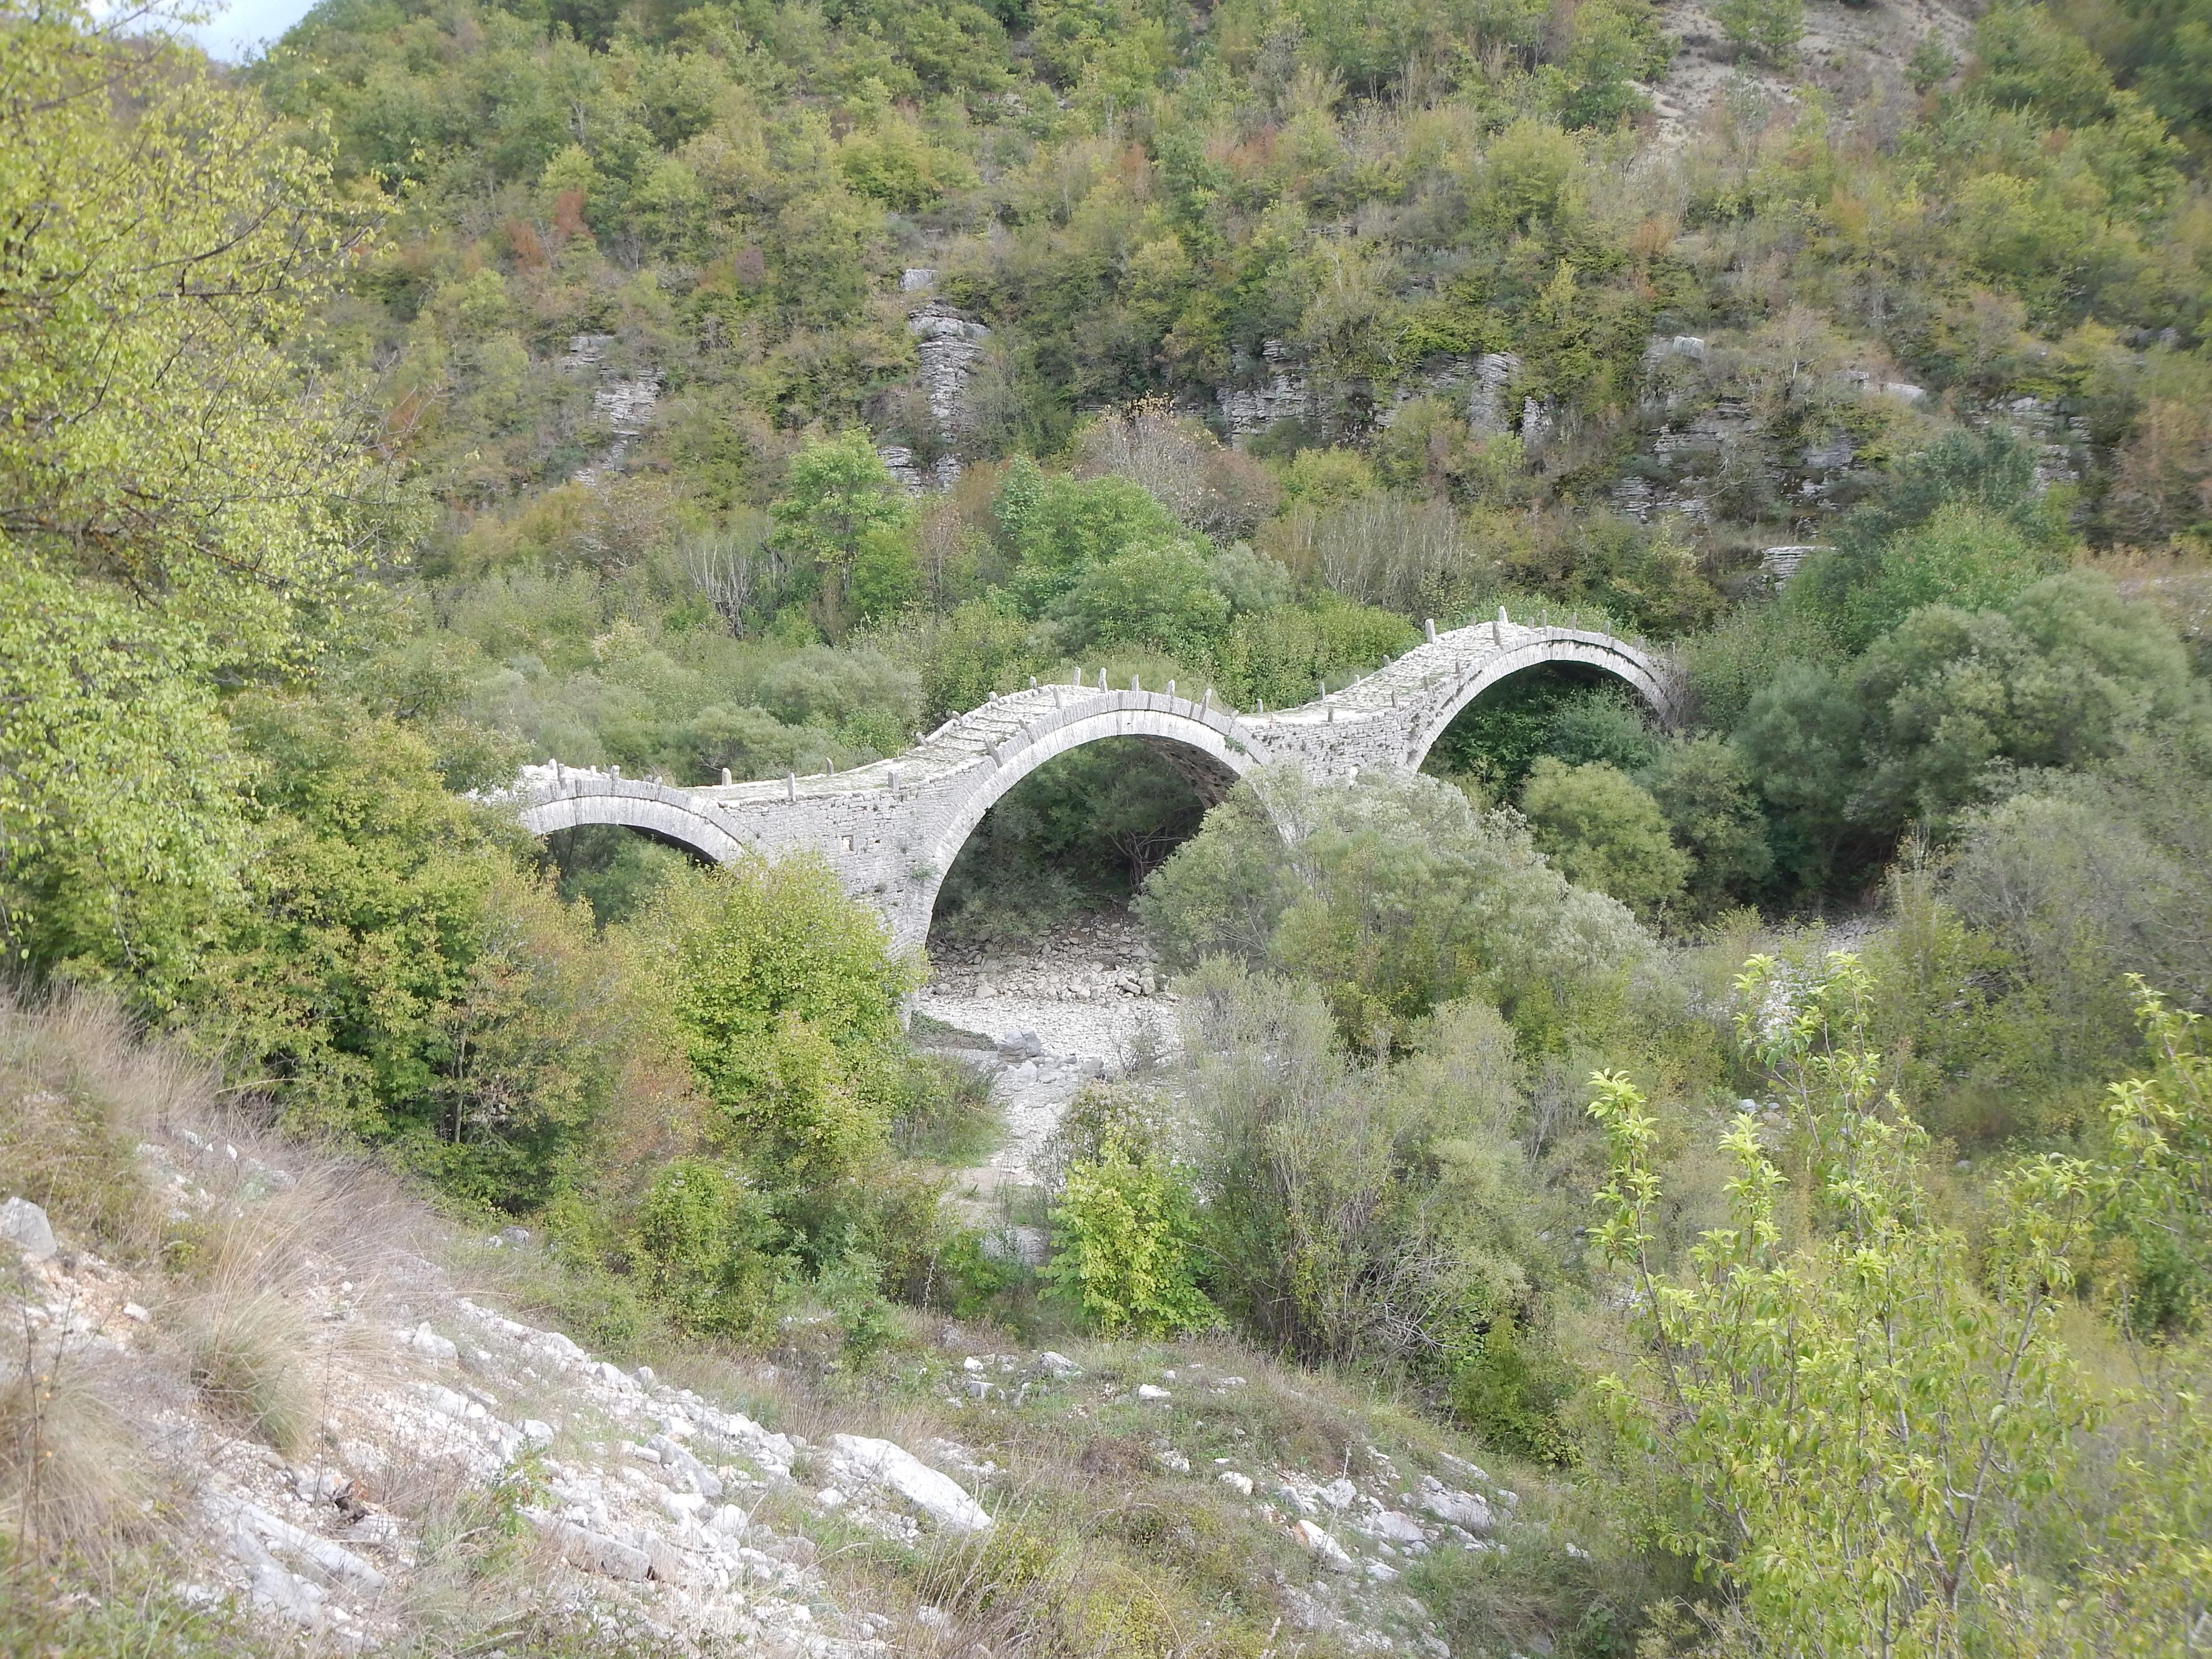 Grèce - Destination Météores par trail rando 161003101732402227